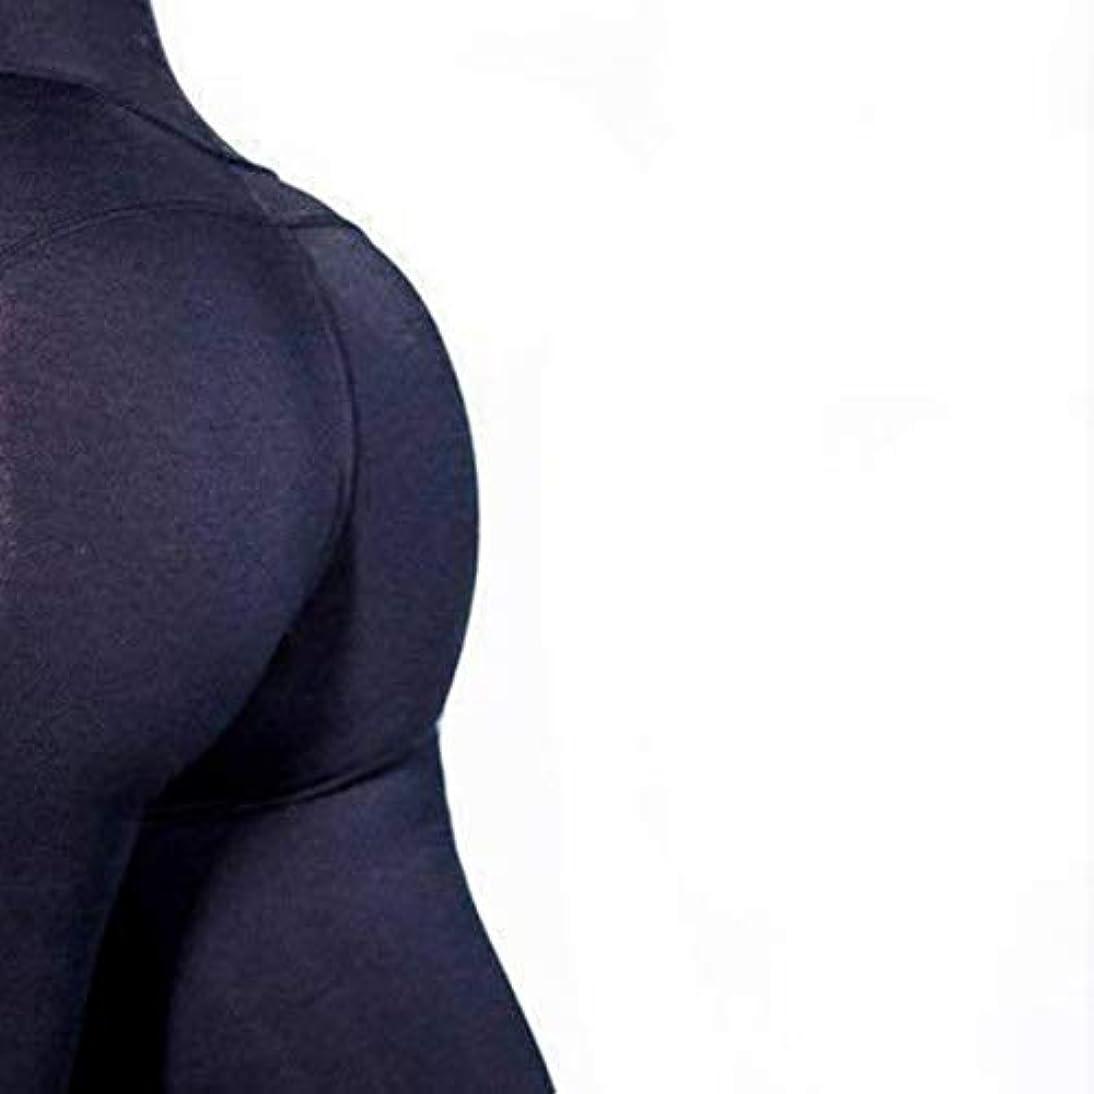 スキニートランジスタ指紋ヨガランニングエクササイズパンツサイド携帯電話ポケットスポーツヨガパンツ